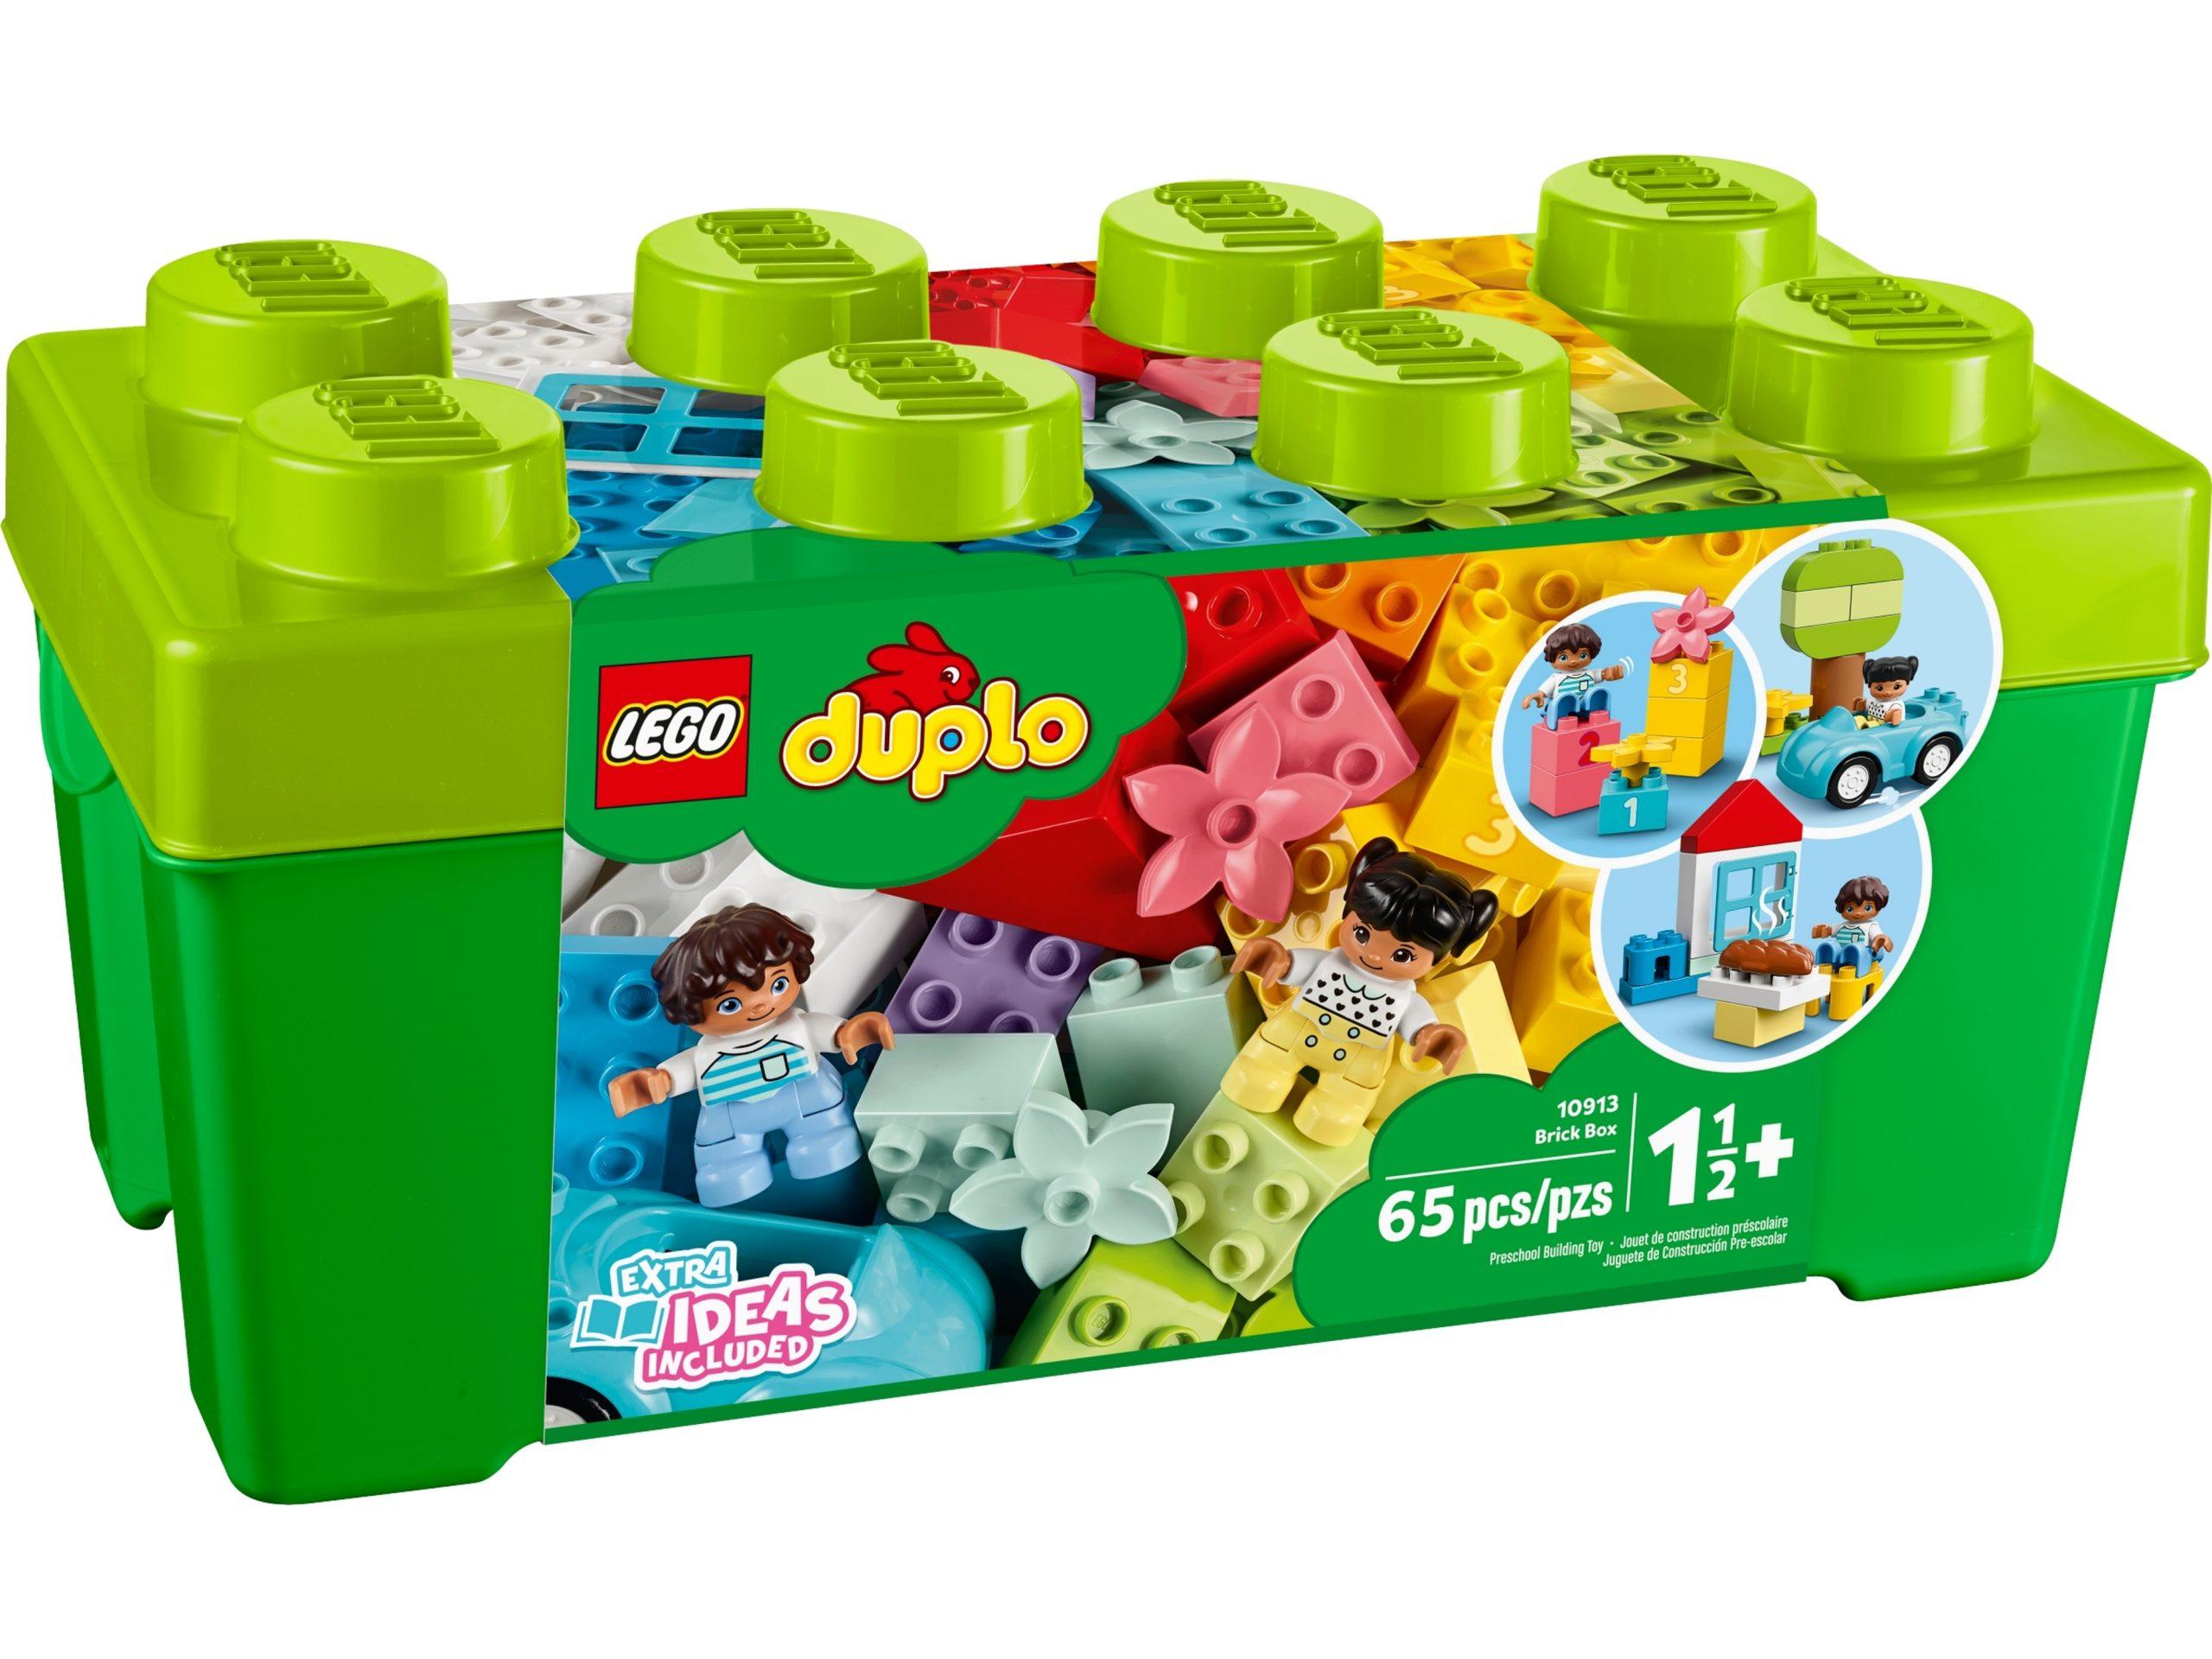 lego 10913 kasse med klodser scaled